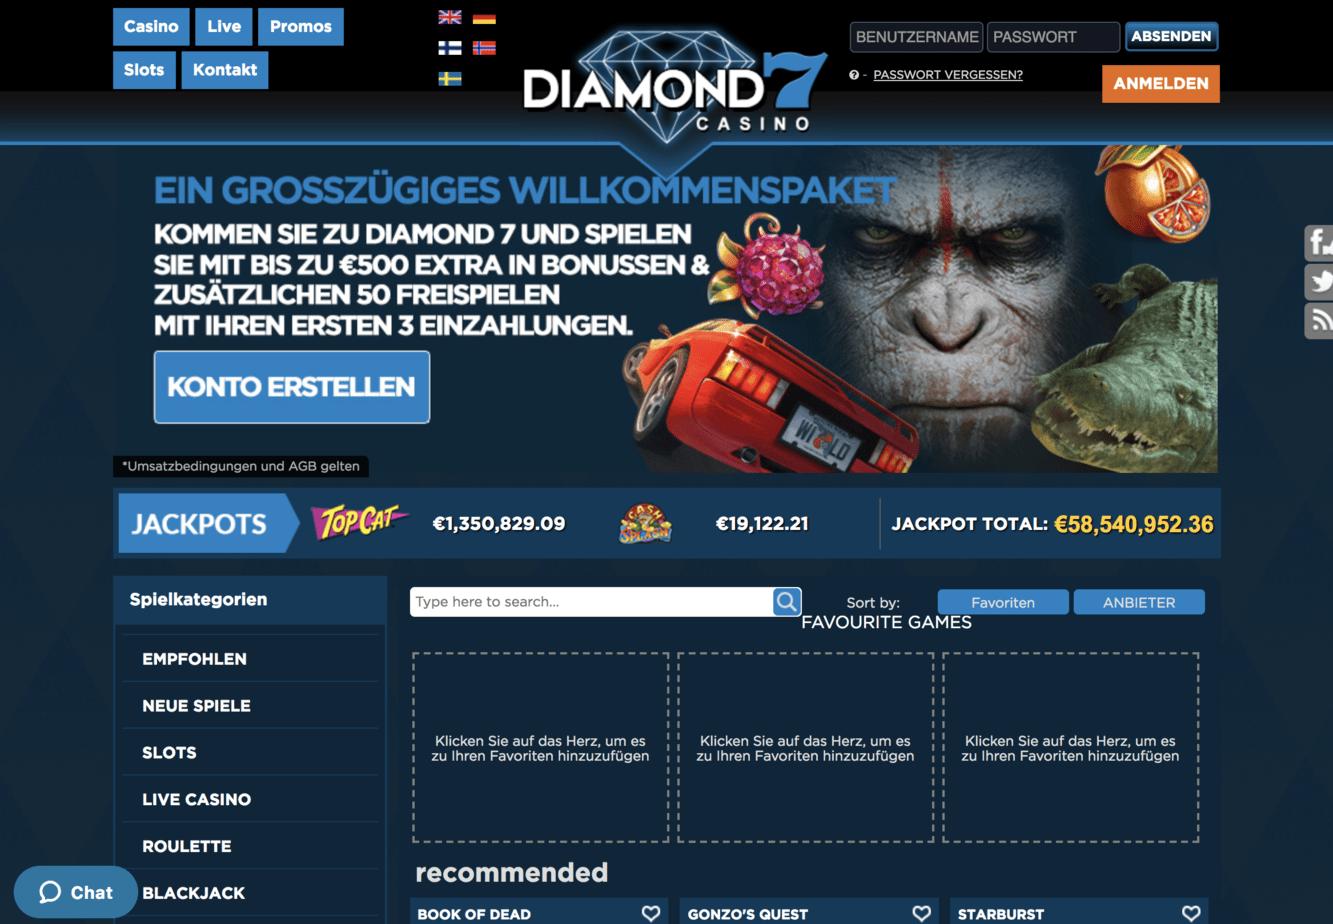 Diamond 7 Casino Homepage Screenshot